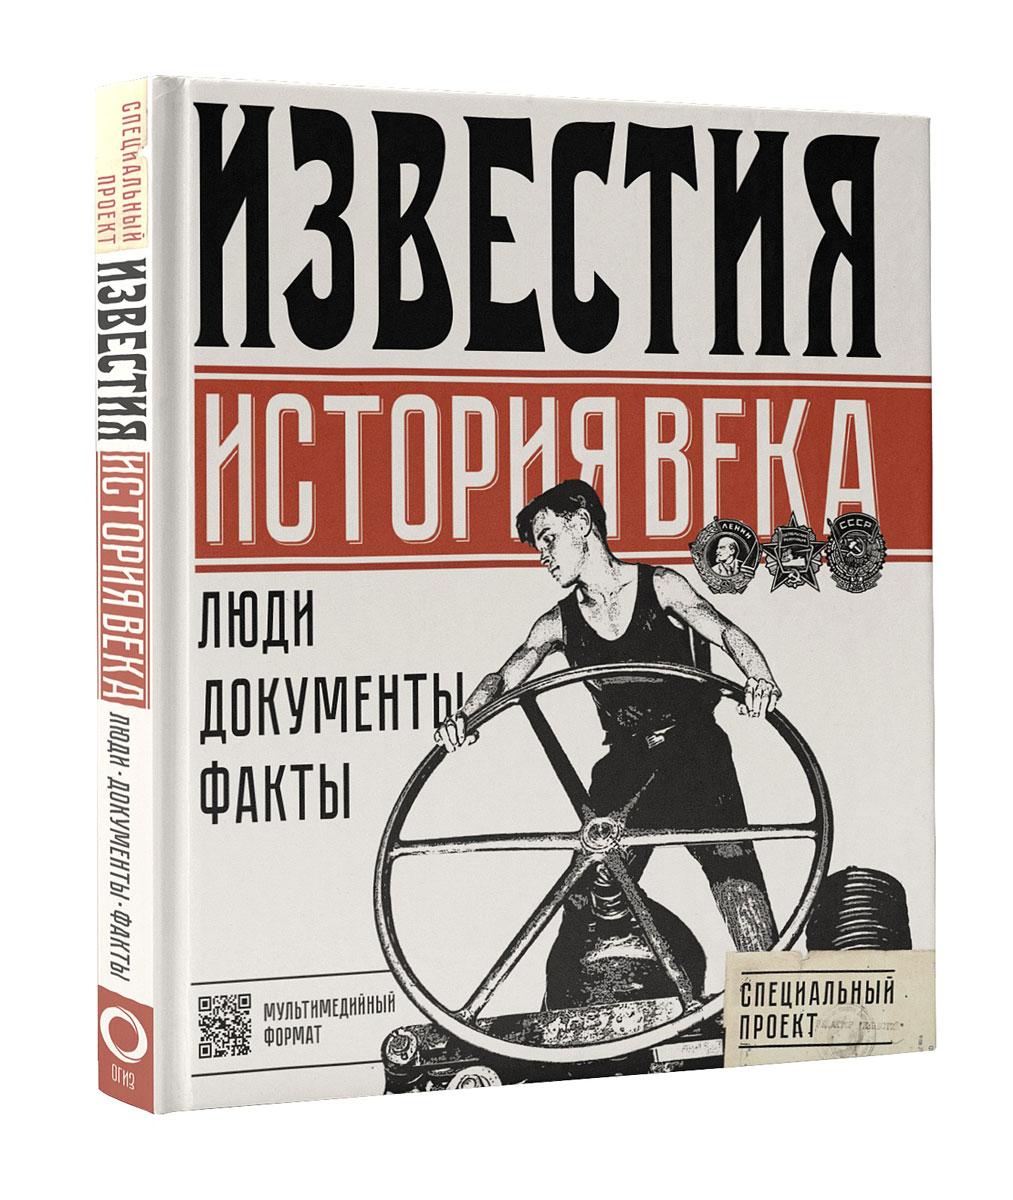 Известия. История века